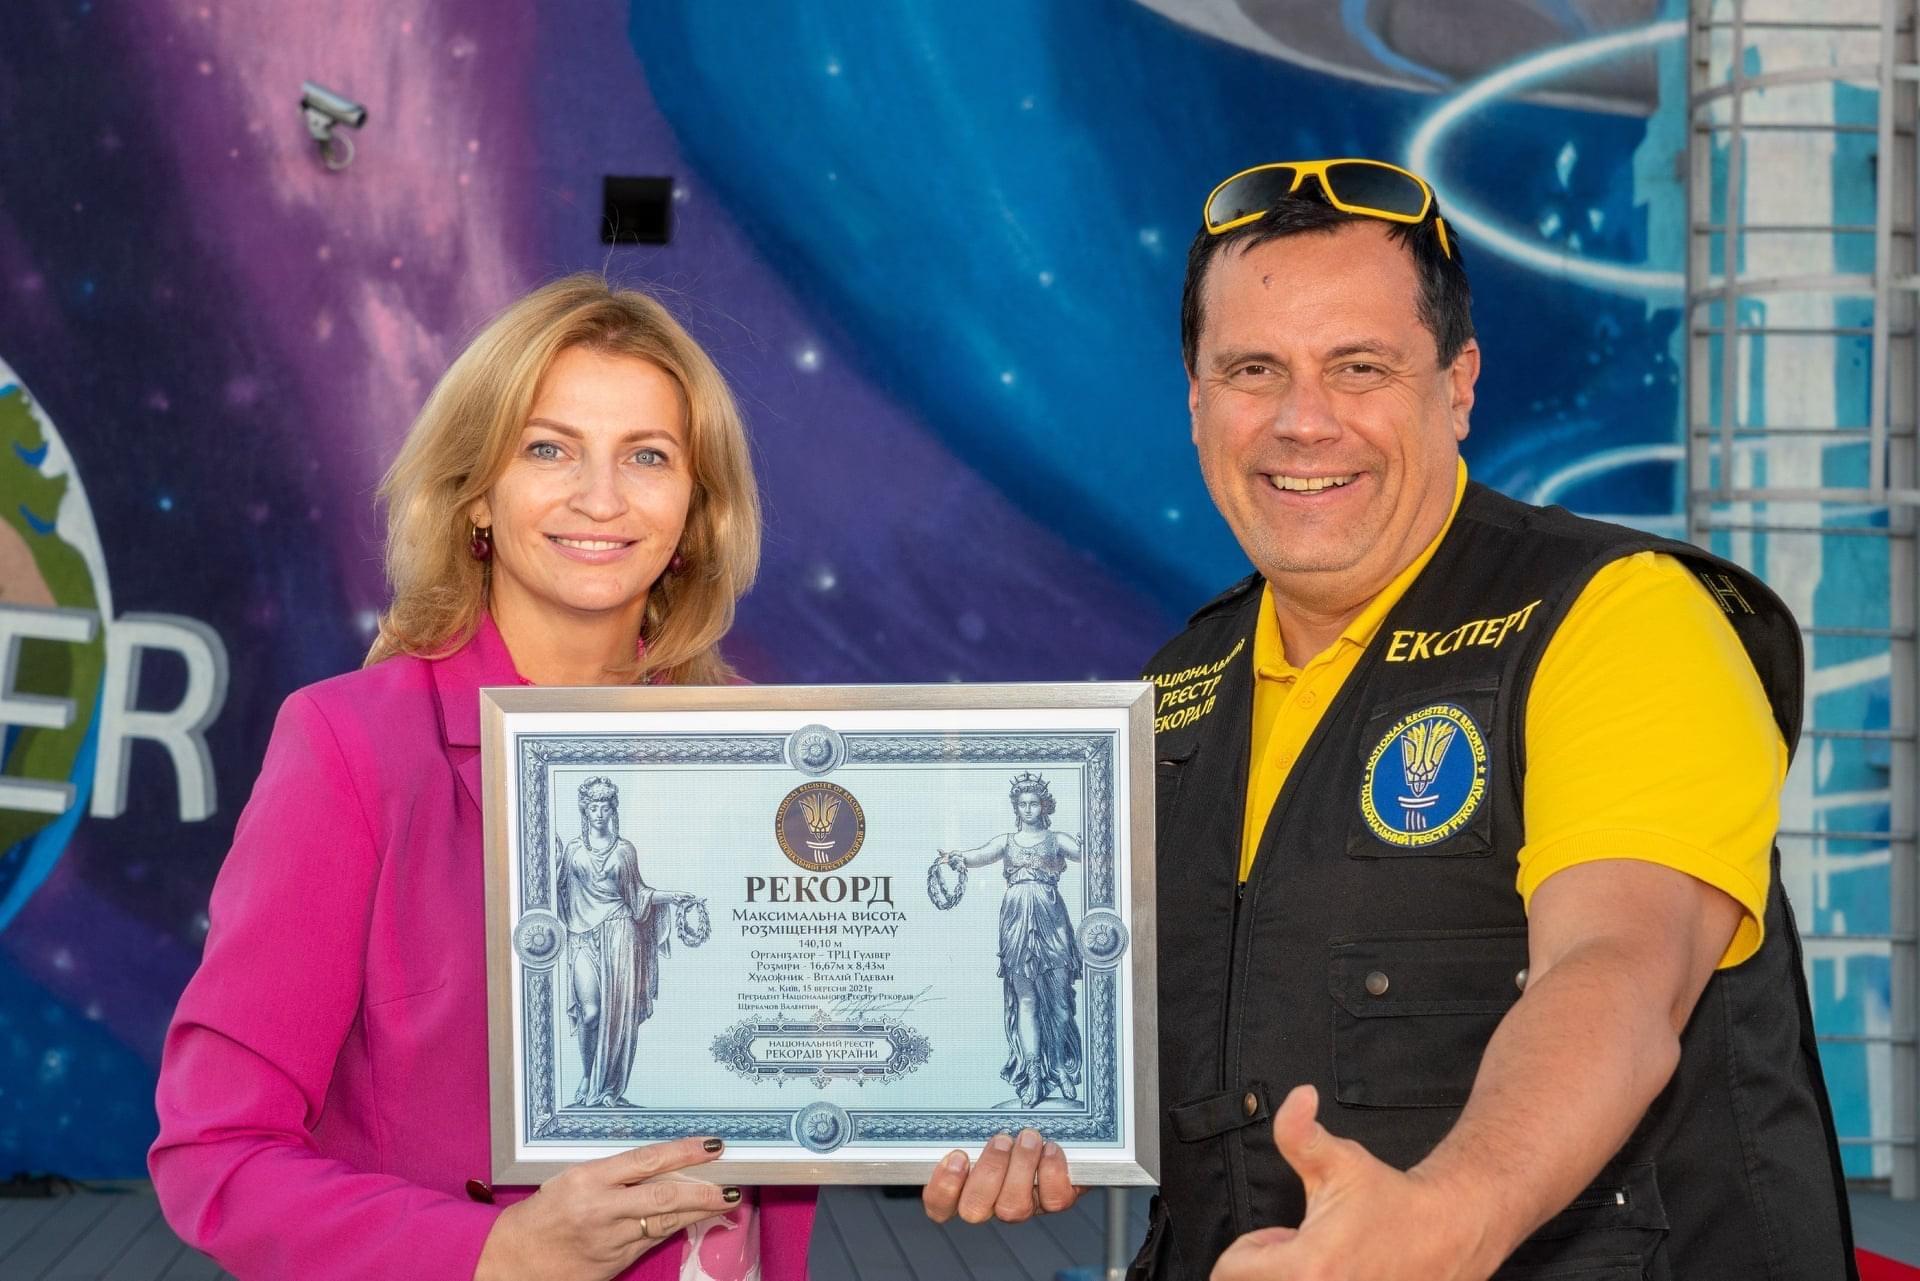 Космічний Всесвіт: у Києві з'явився мурал на 140-метровій висоті